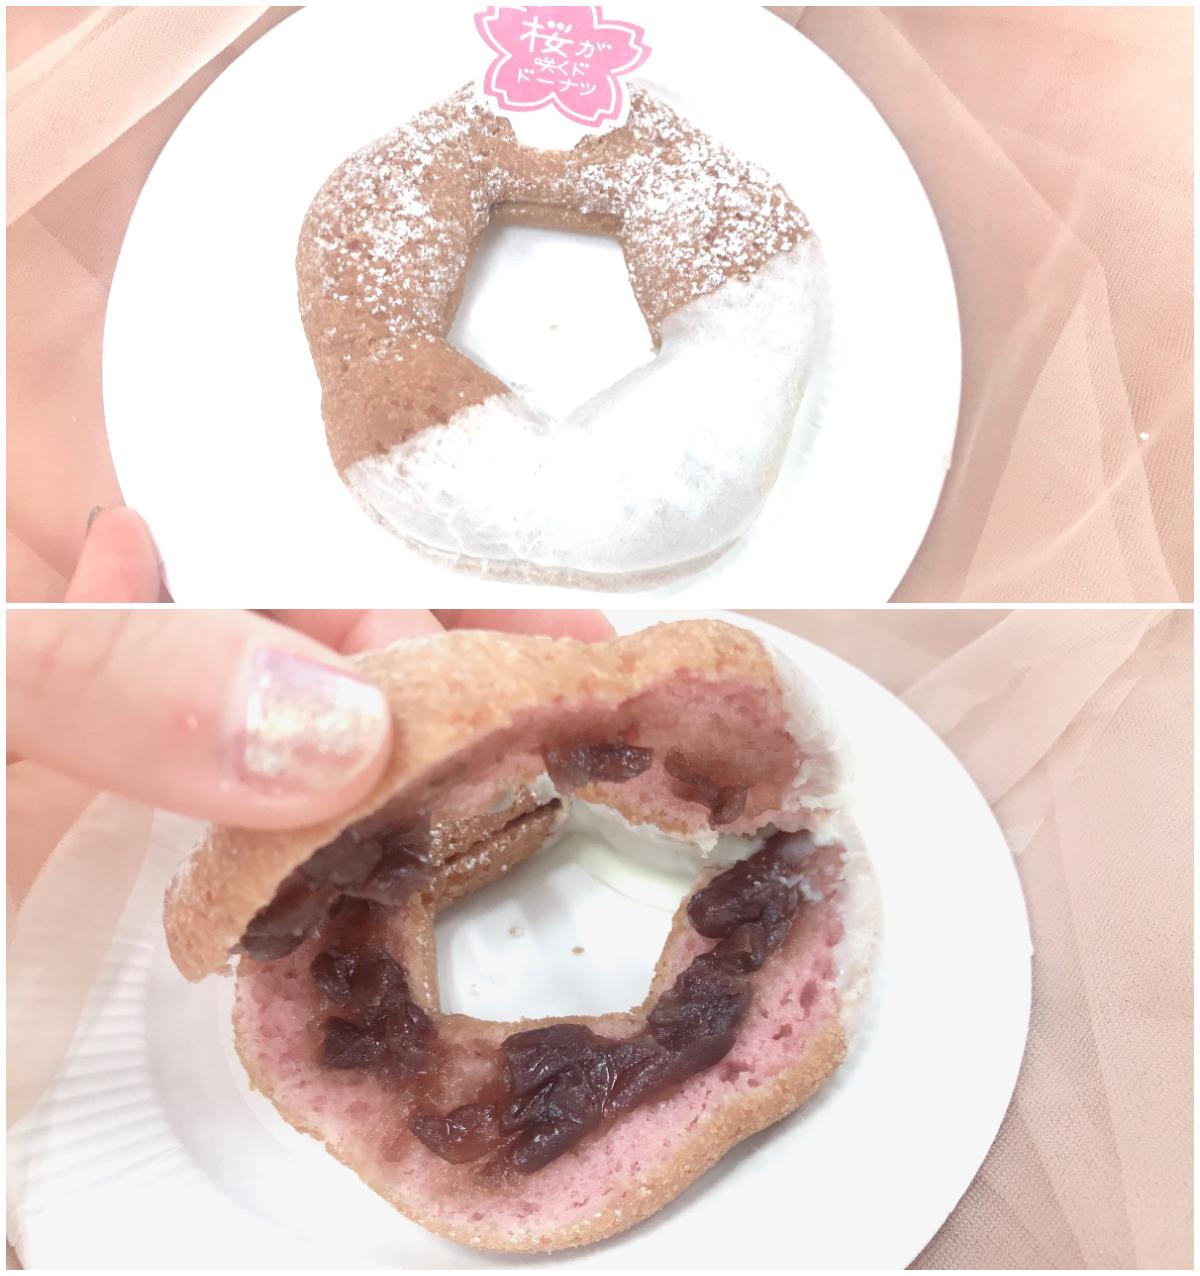 【ミスド 新作】「桜が咲くドドーナツシリーズ」6品を食べてみた♡ お花見のおやつにもおすすめ! _5